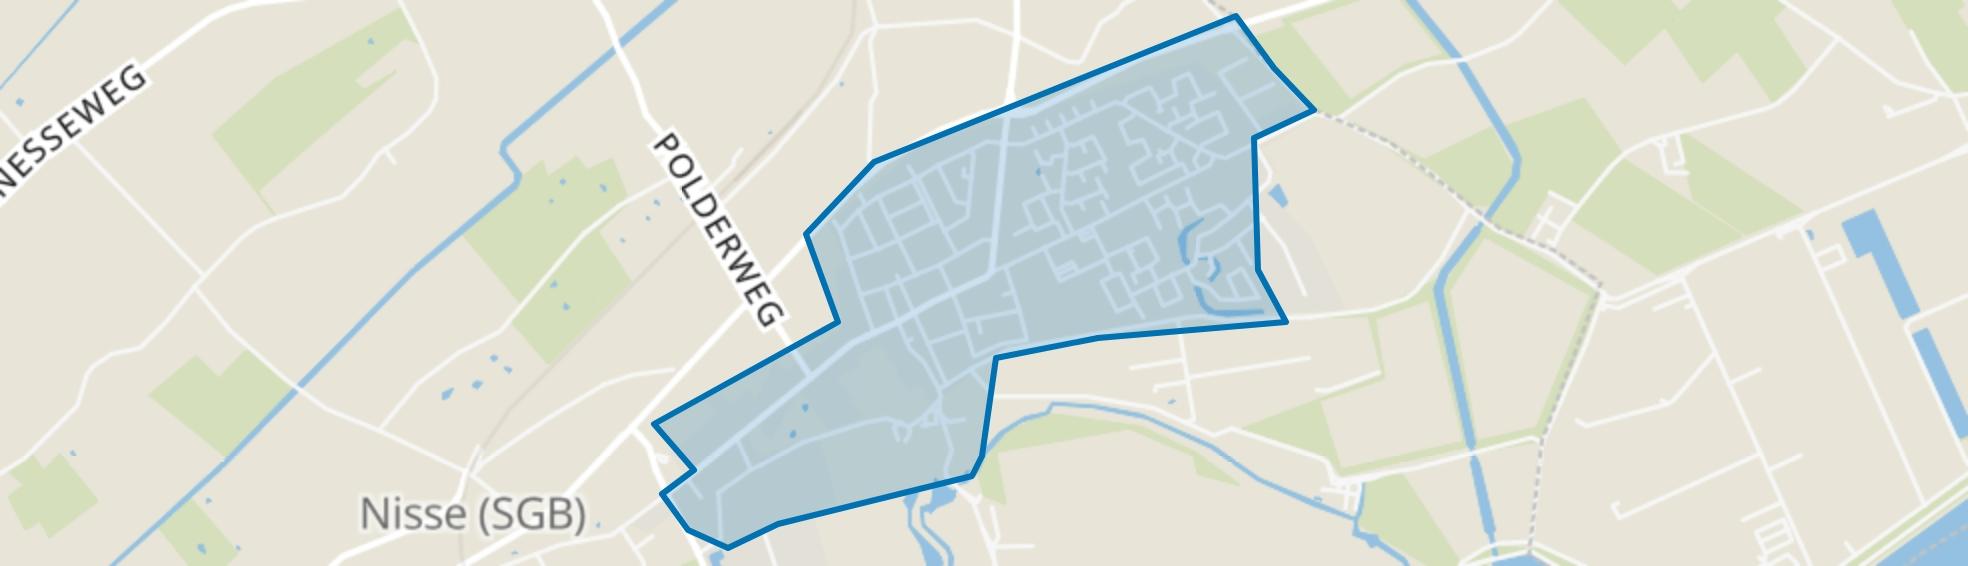 's-Gravenpolder (Kern), 's-Gravenpolder map